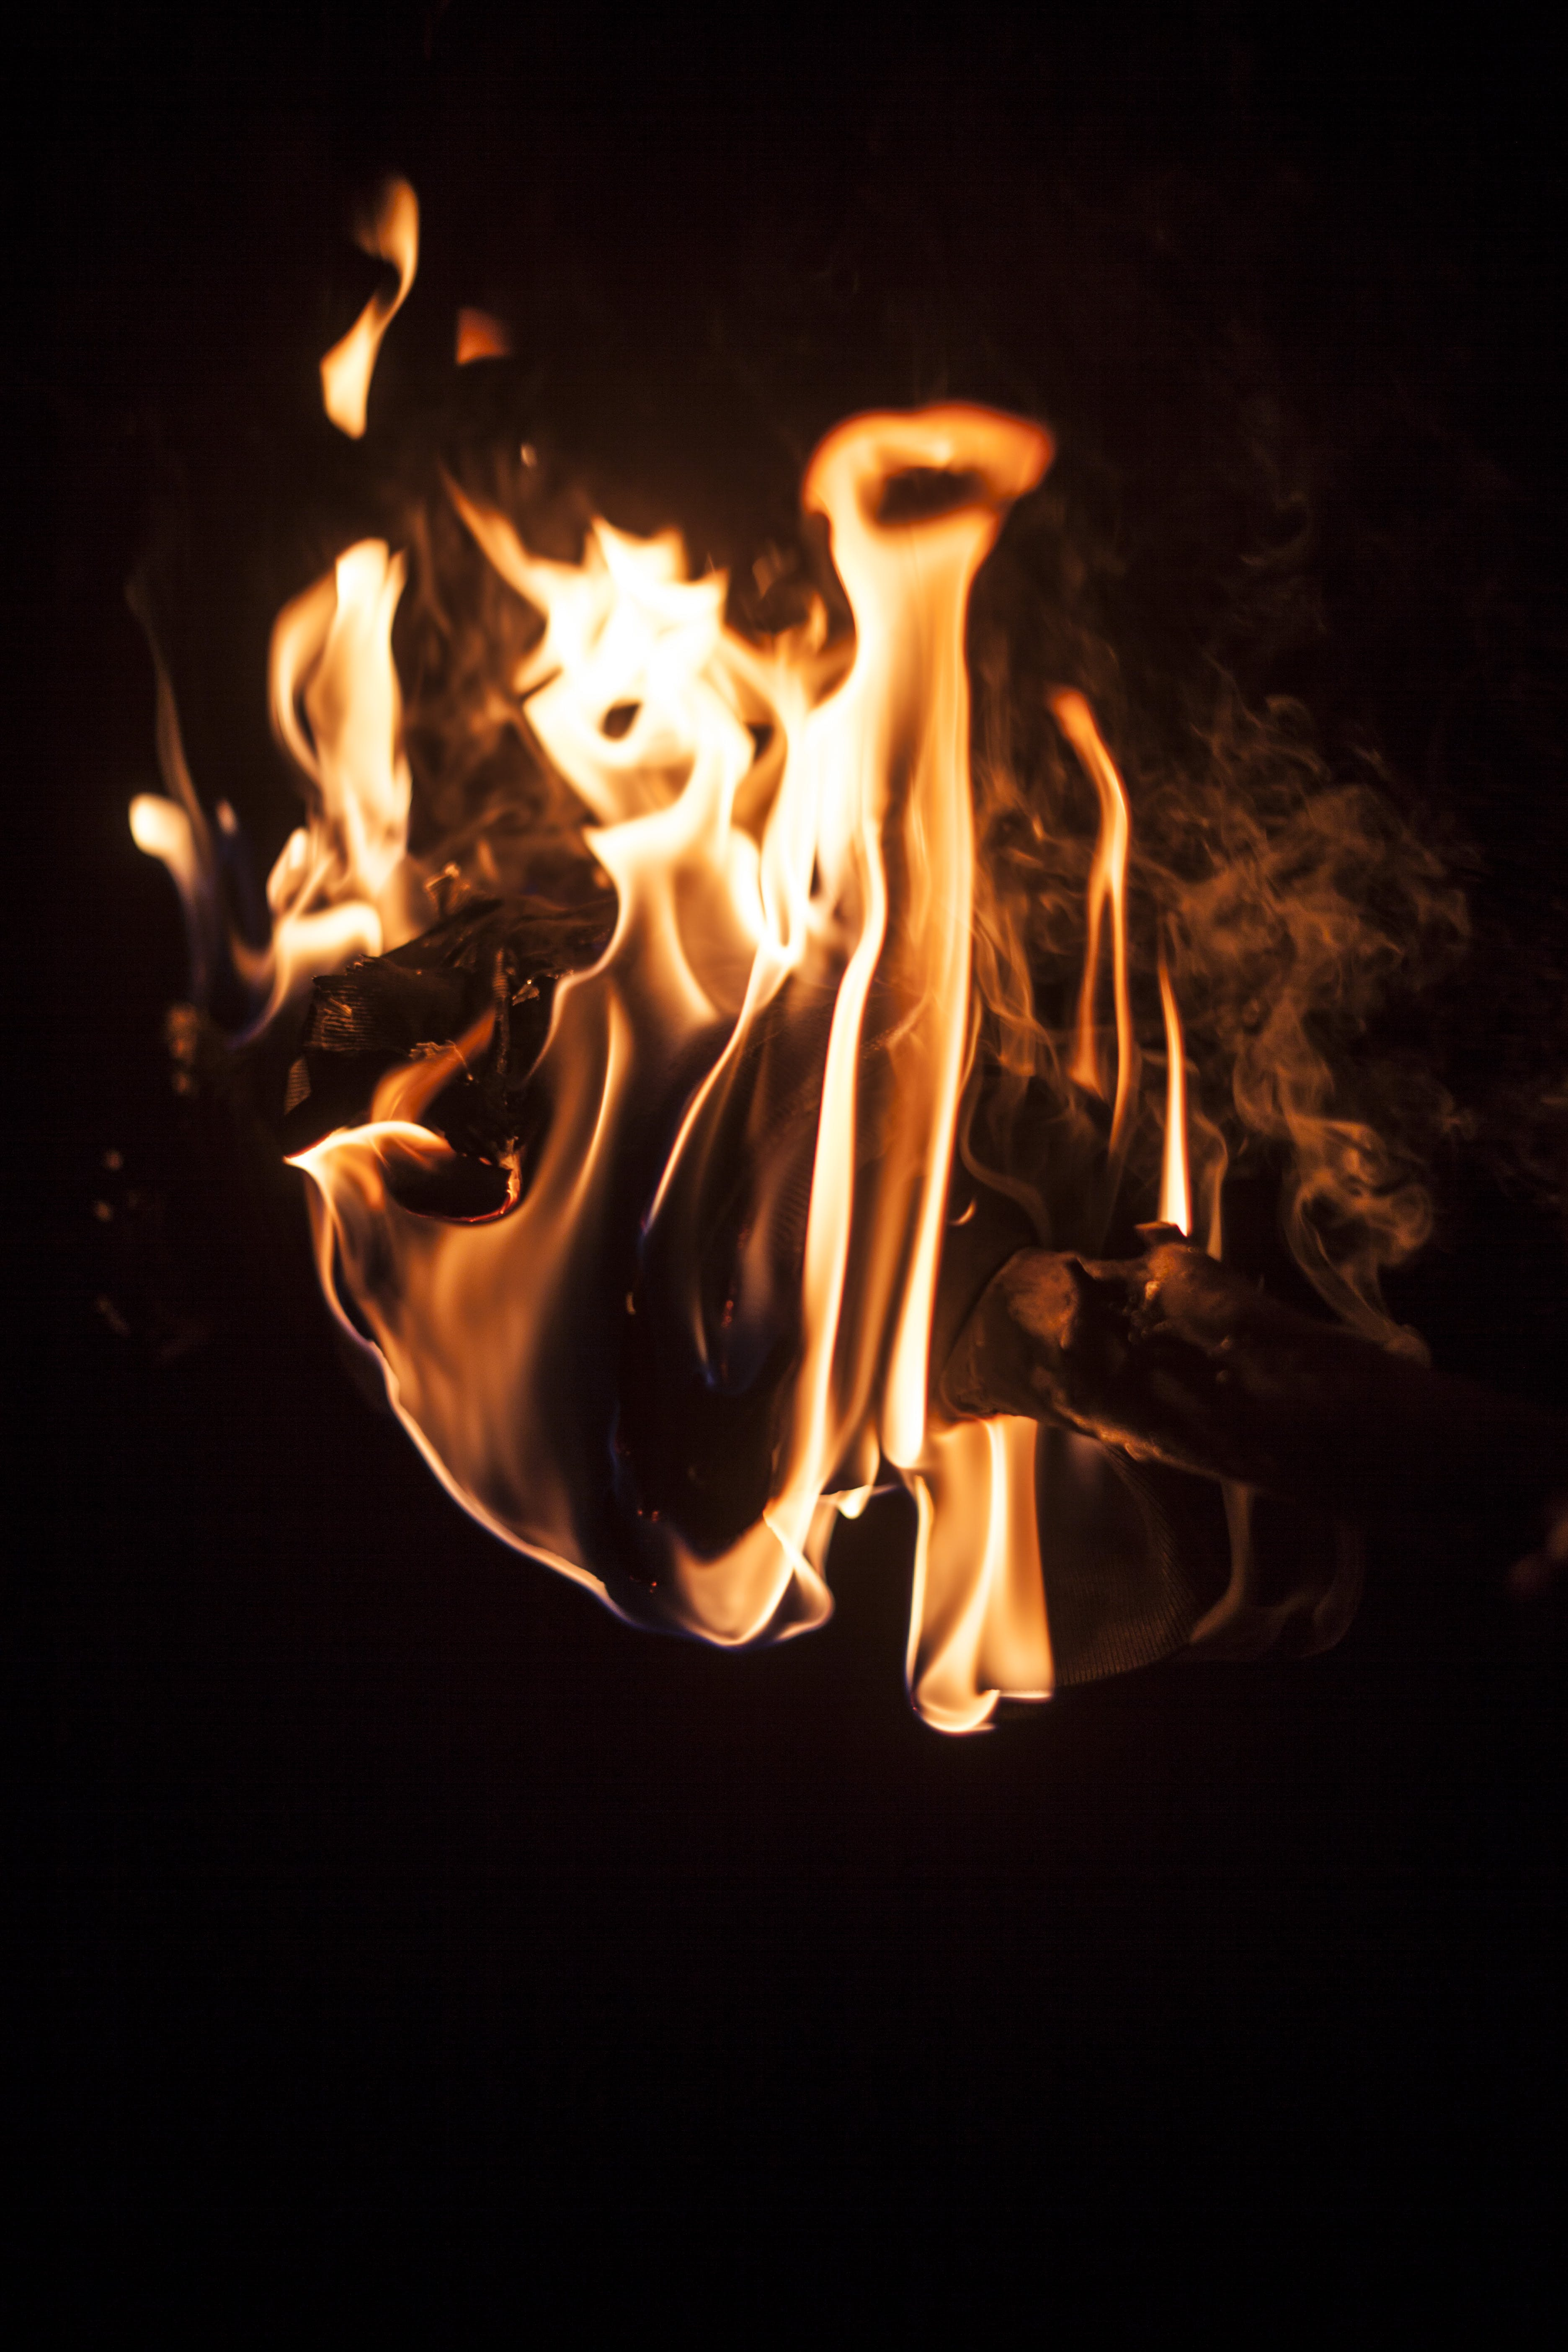 Gratis lagerfoto af bål, brand, flamme, ildsted